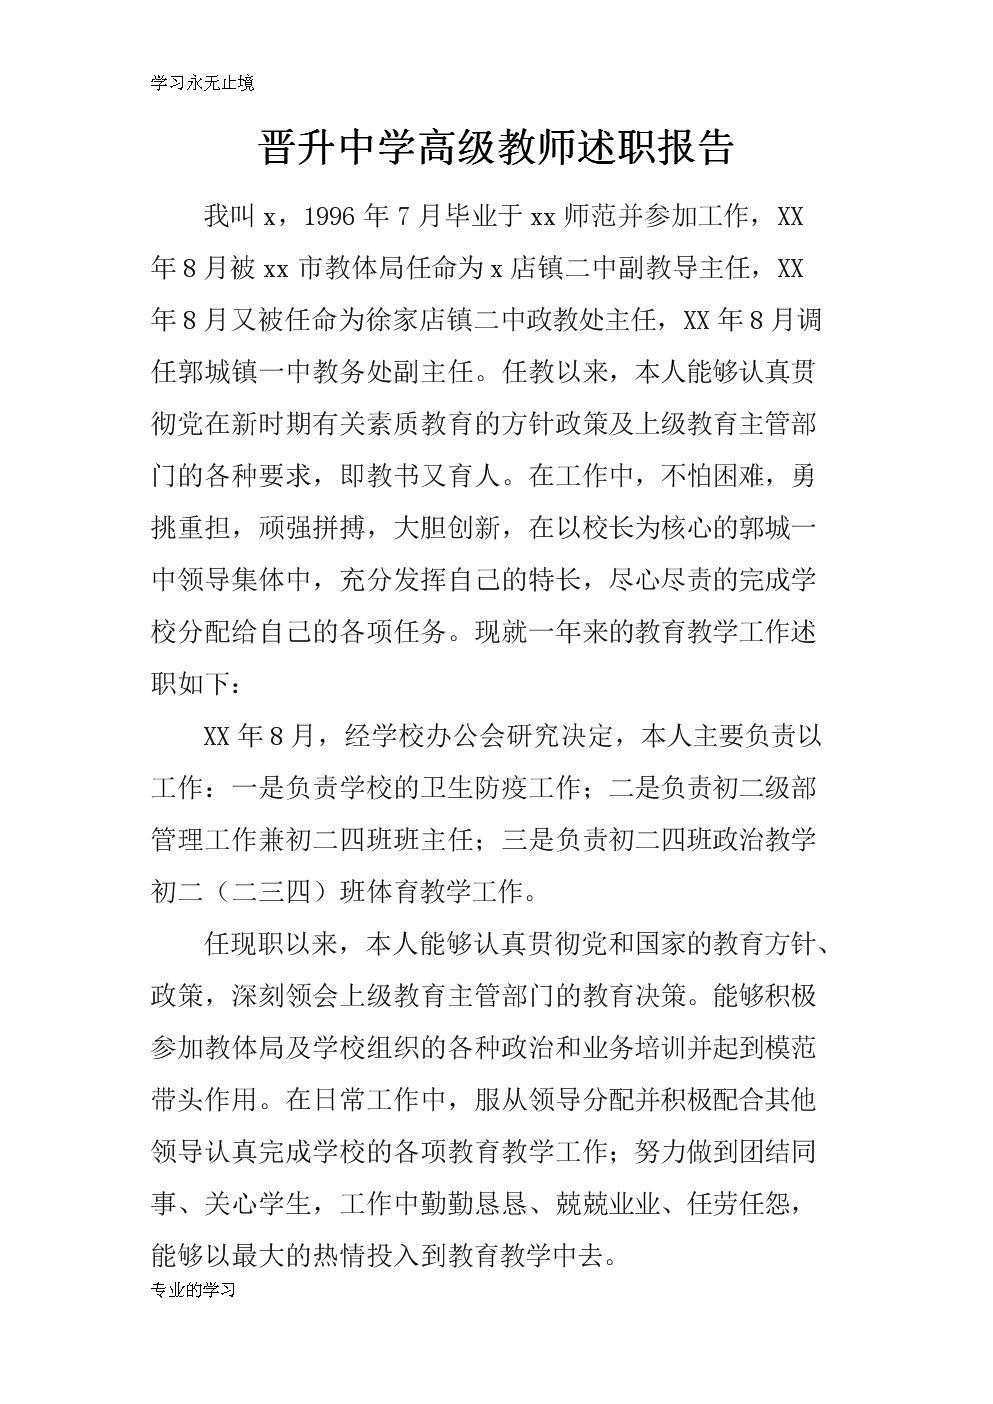 晋升中学高级教师工作述职学习总结报告.doc